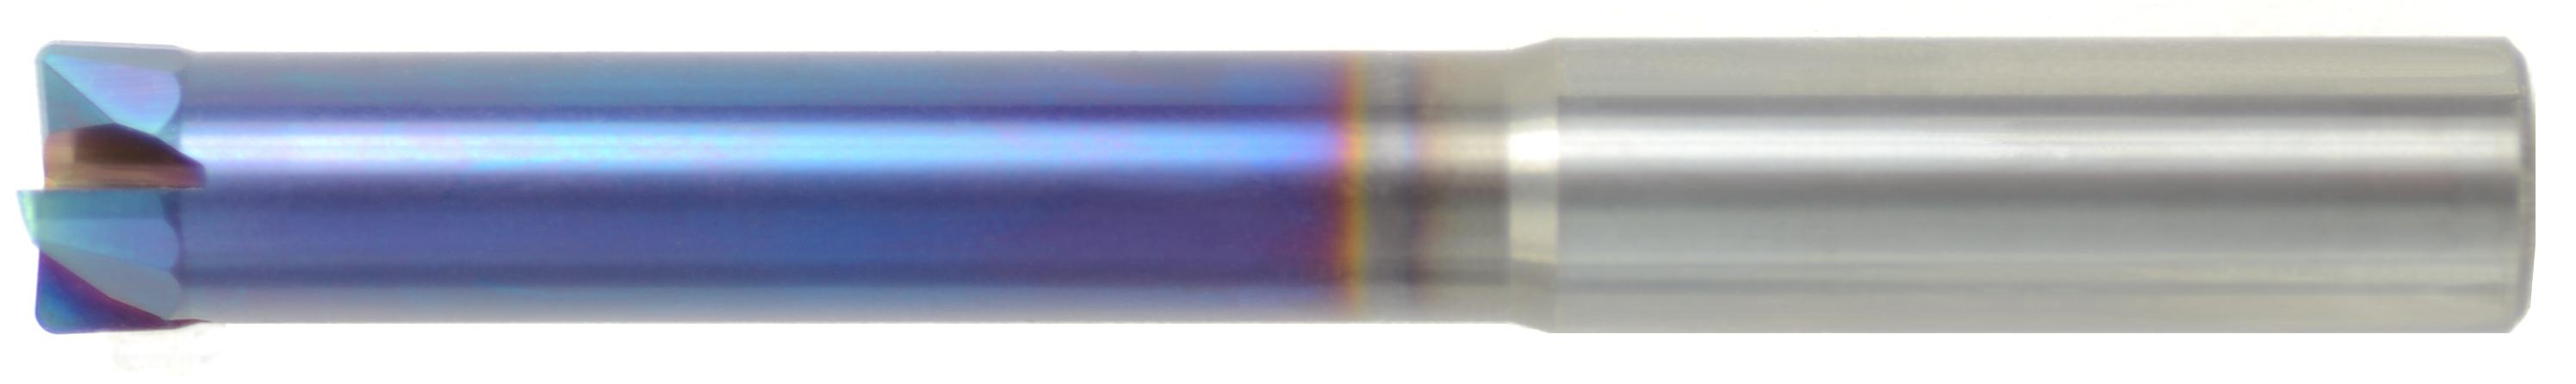 PSW4860-1